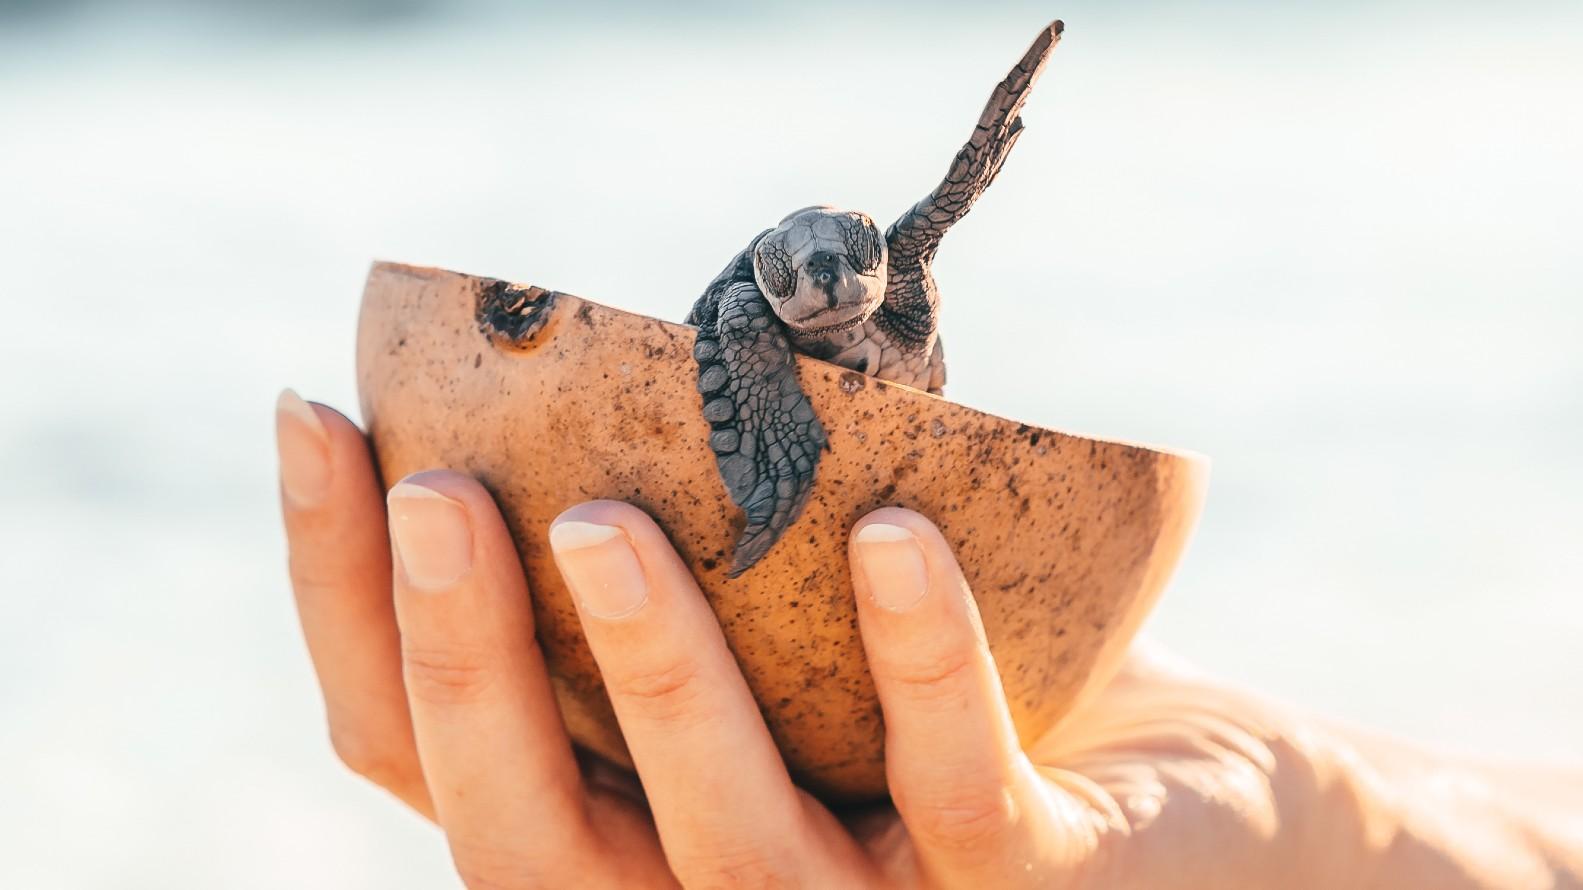 Liberación tortuga. Puerto Vallarta. Foto: JT ASTK